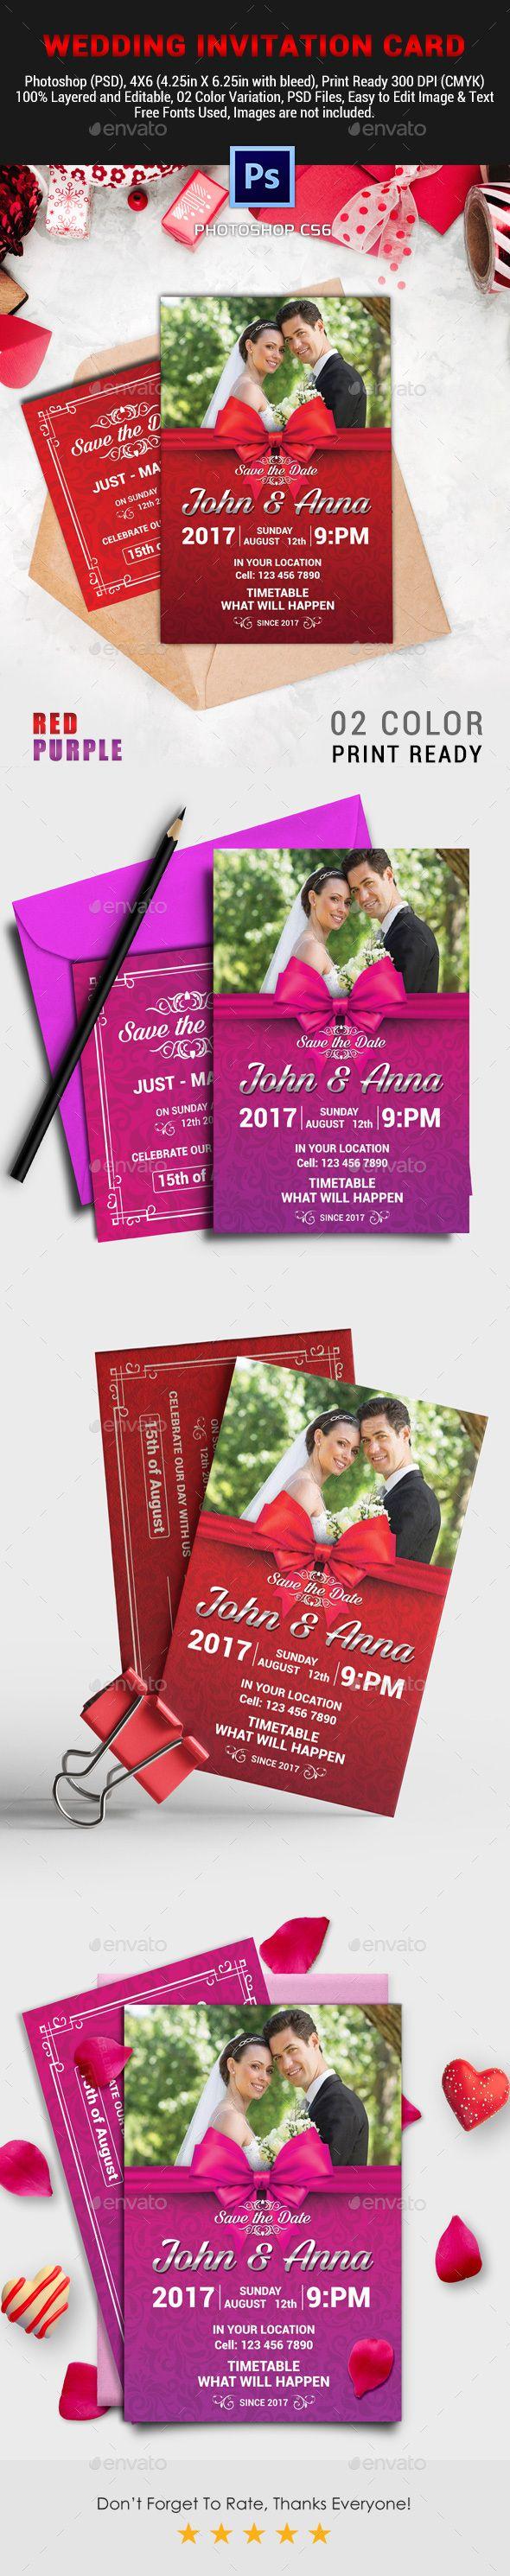 Wedding Invitation Card Vol 03 Wedding